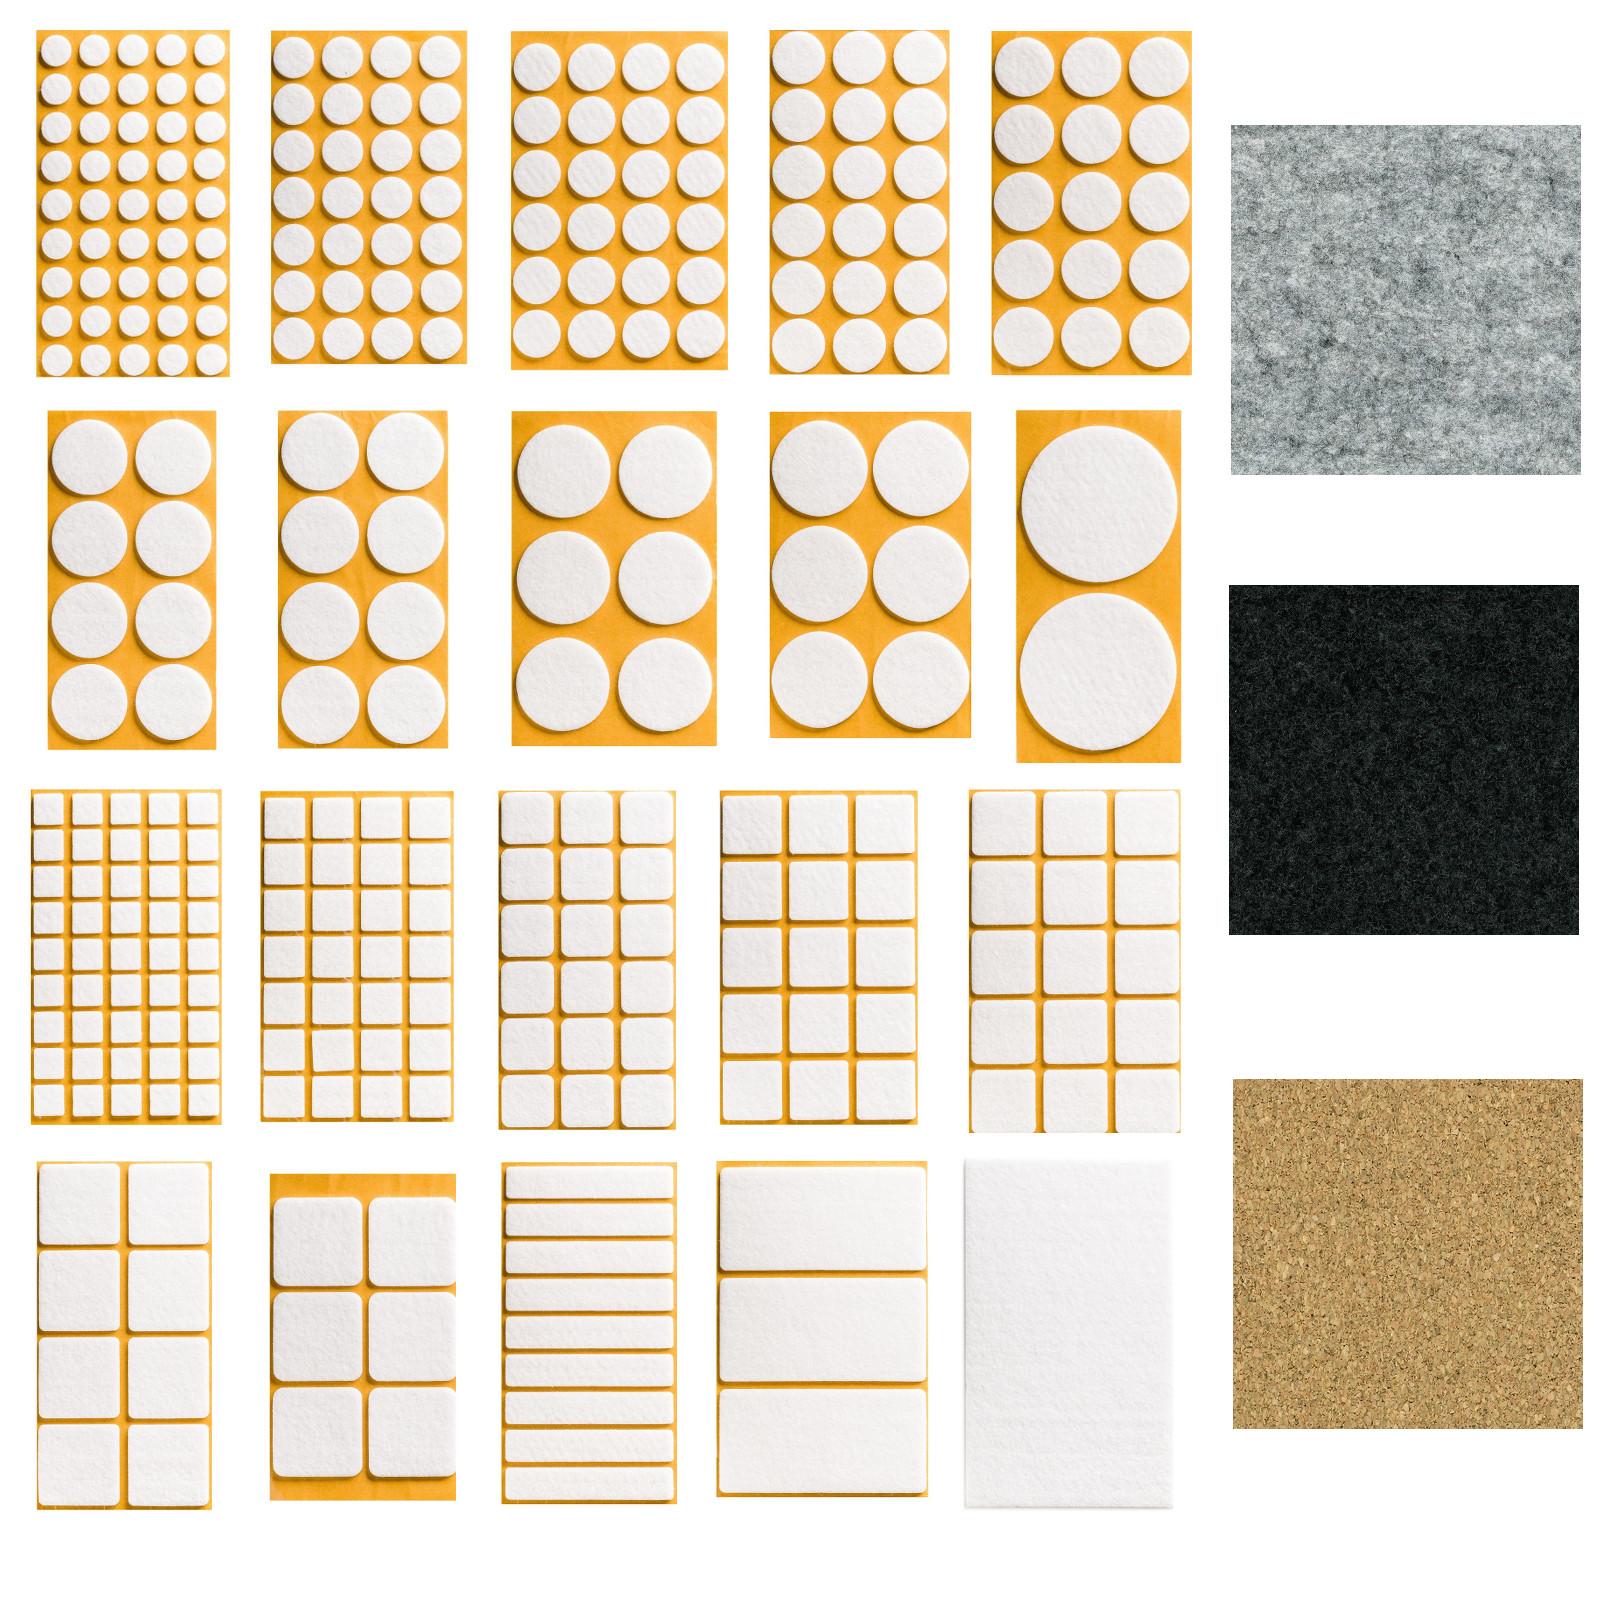 filzgleiter wei schwarz grau kork selbstklebend klebe filz m belgleiter 12627 ebay. Black Bedroom Furniture Sets. Home Design Ideas